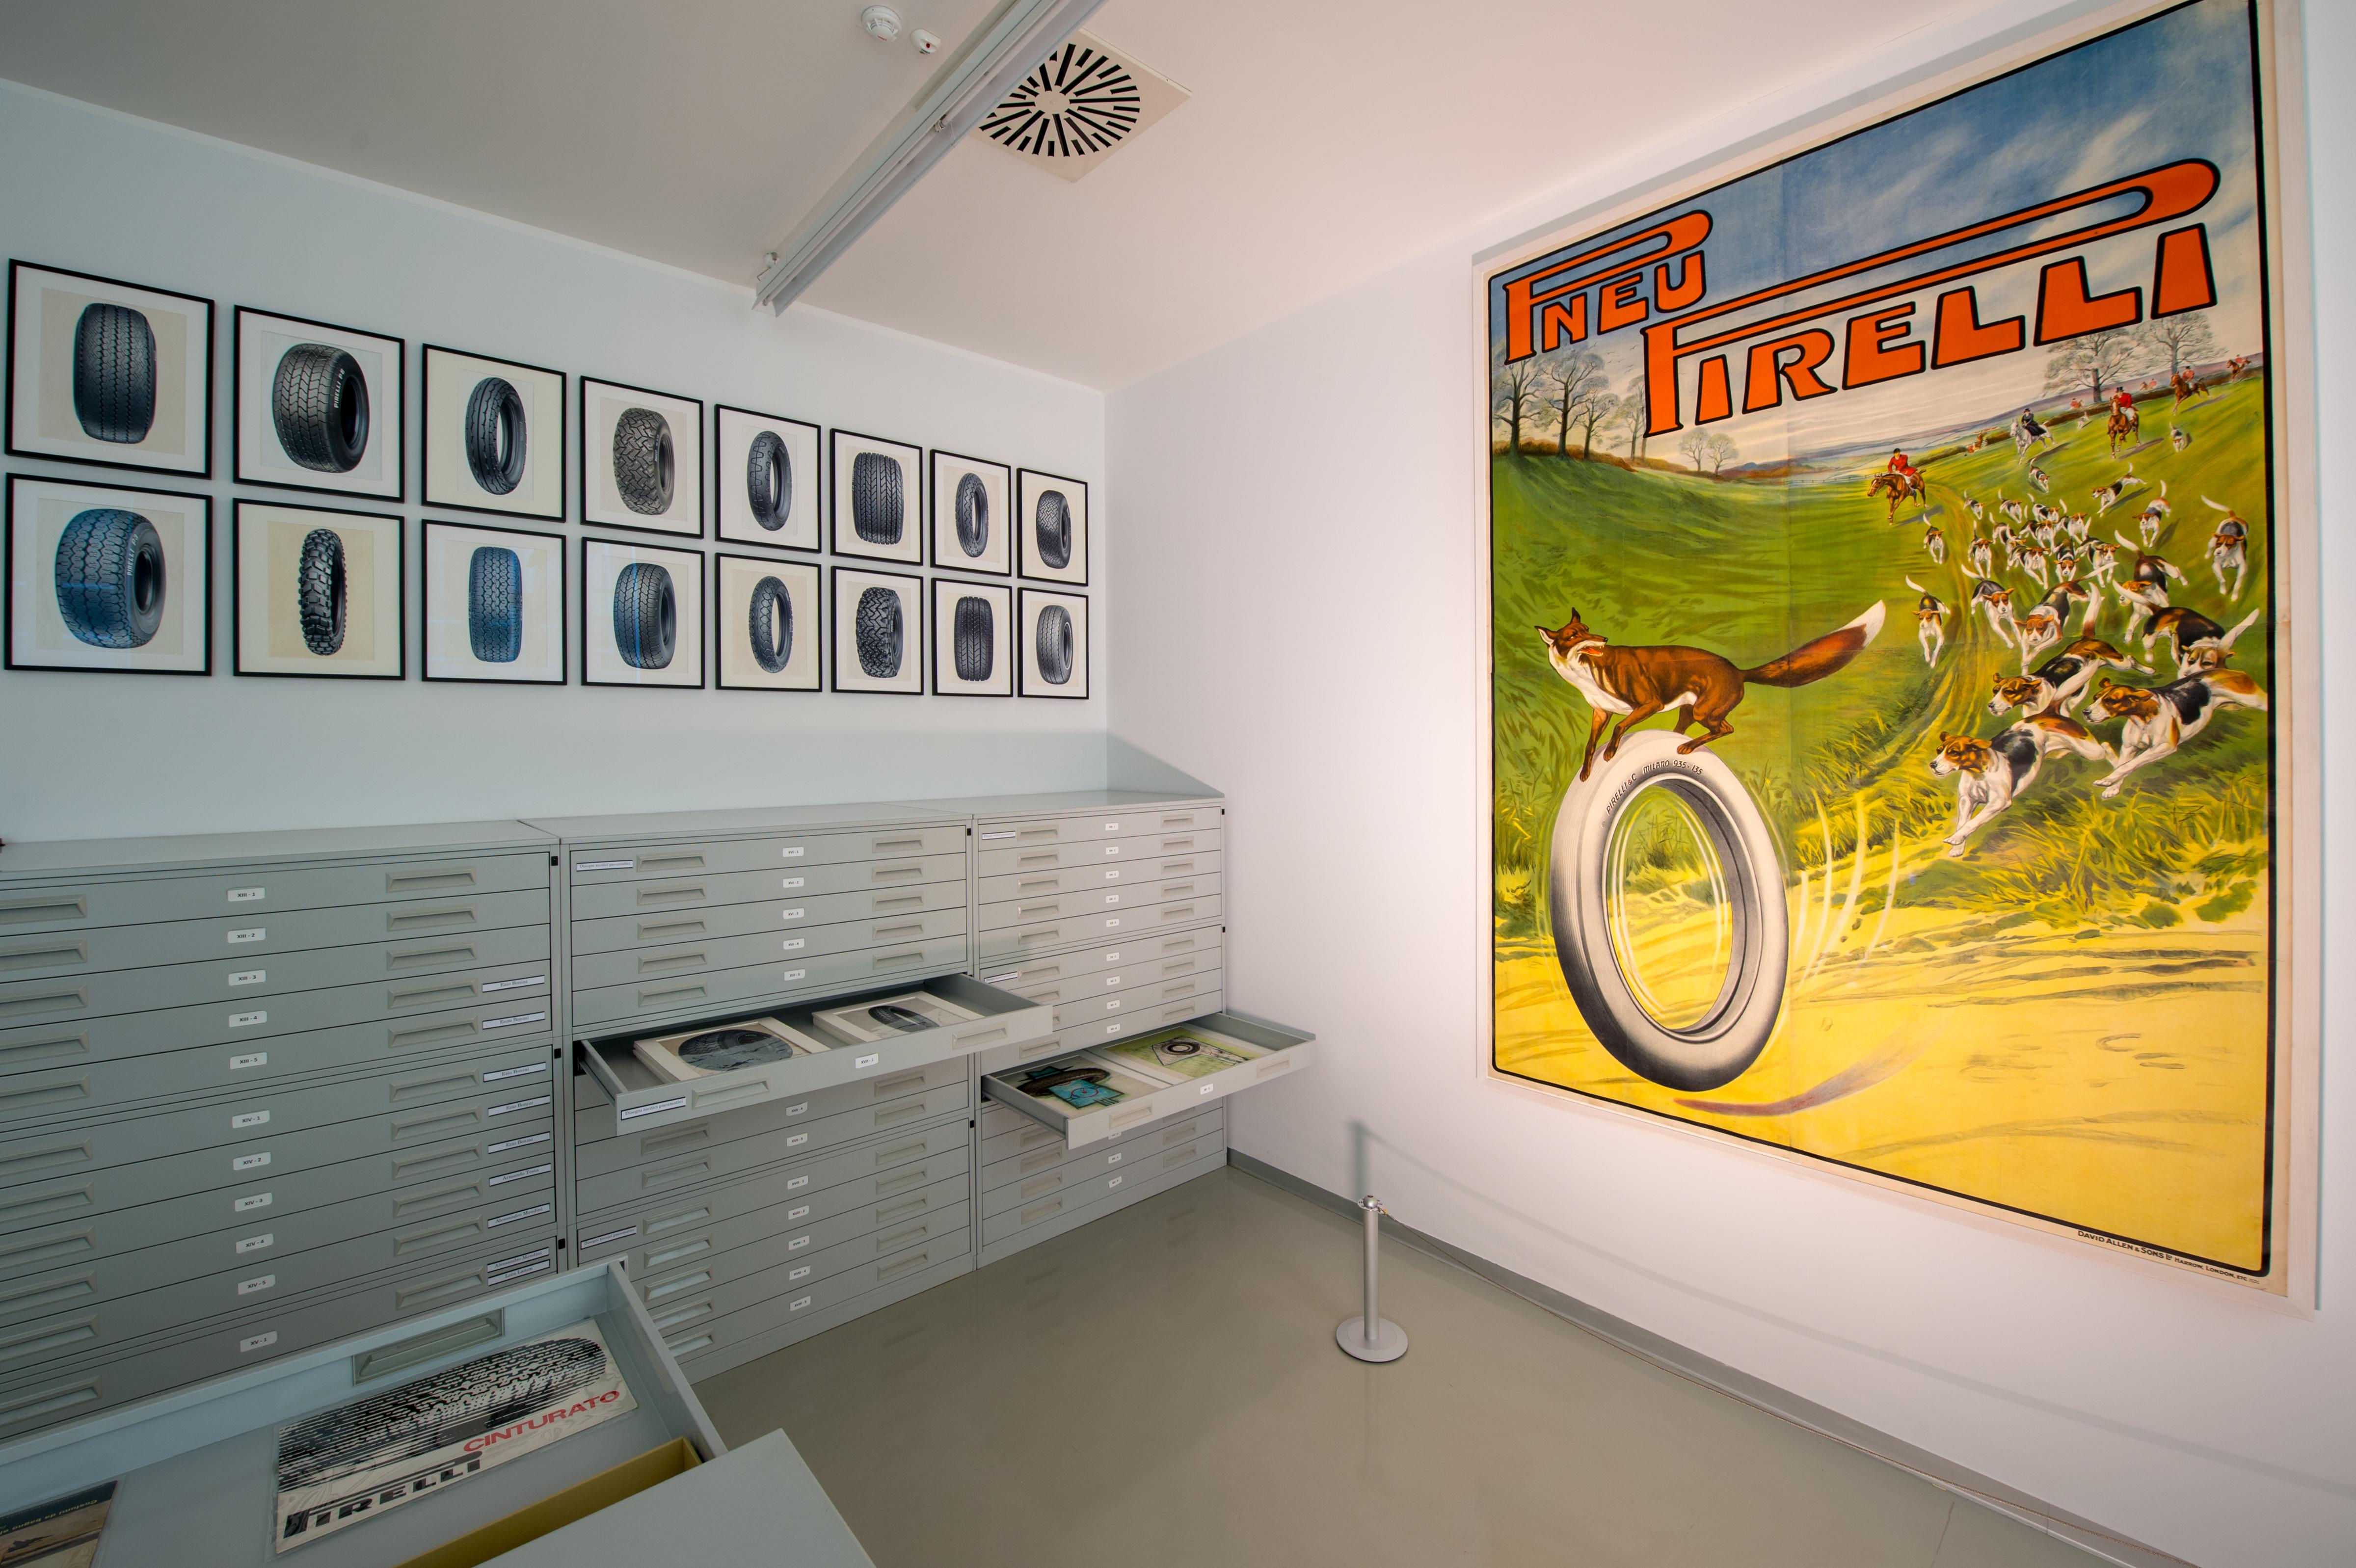 L'Archivio Storico Pirelli, Ippistudio (Fondazione Pirelli)